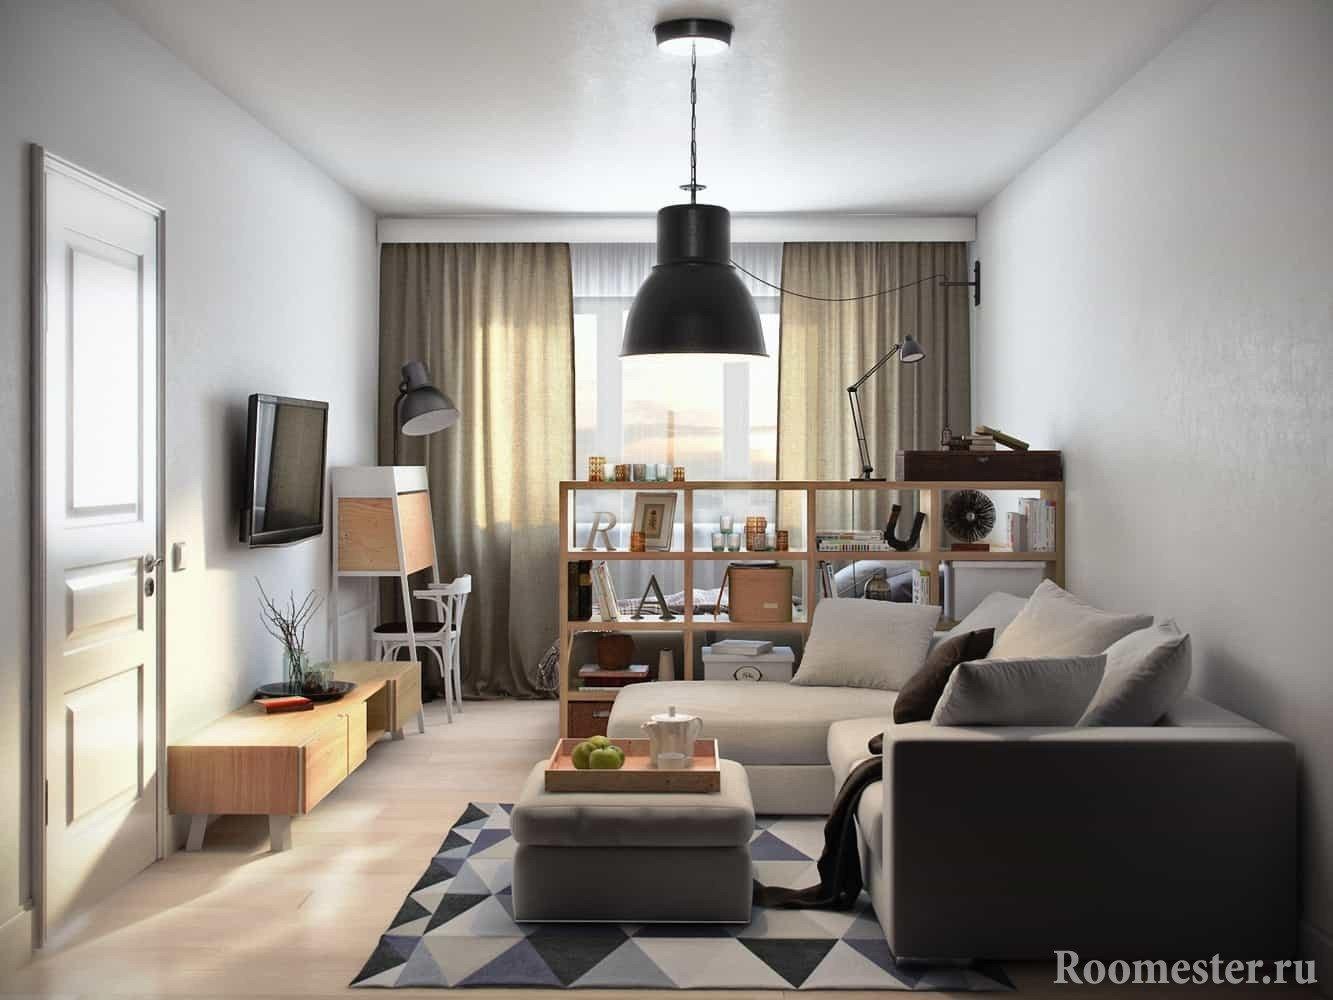 Гостиная и спальня в однокомнатной квартире